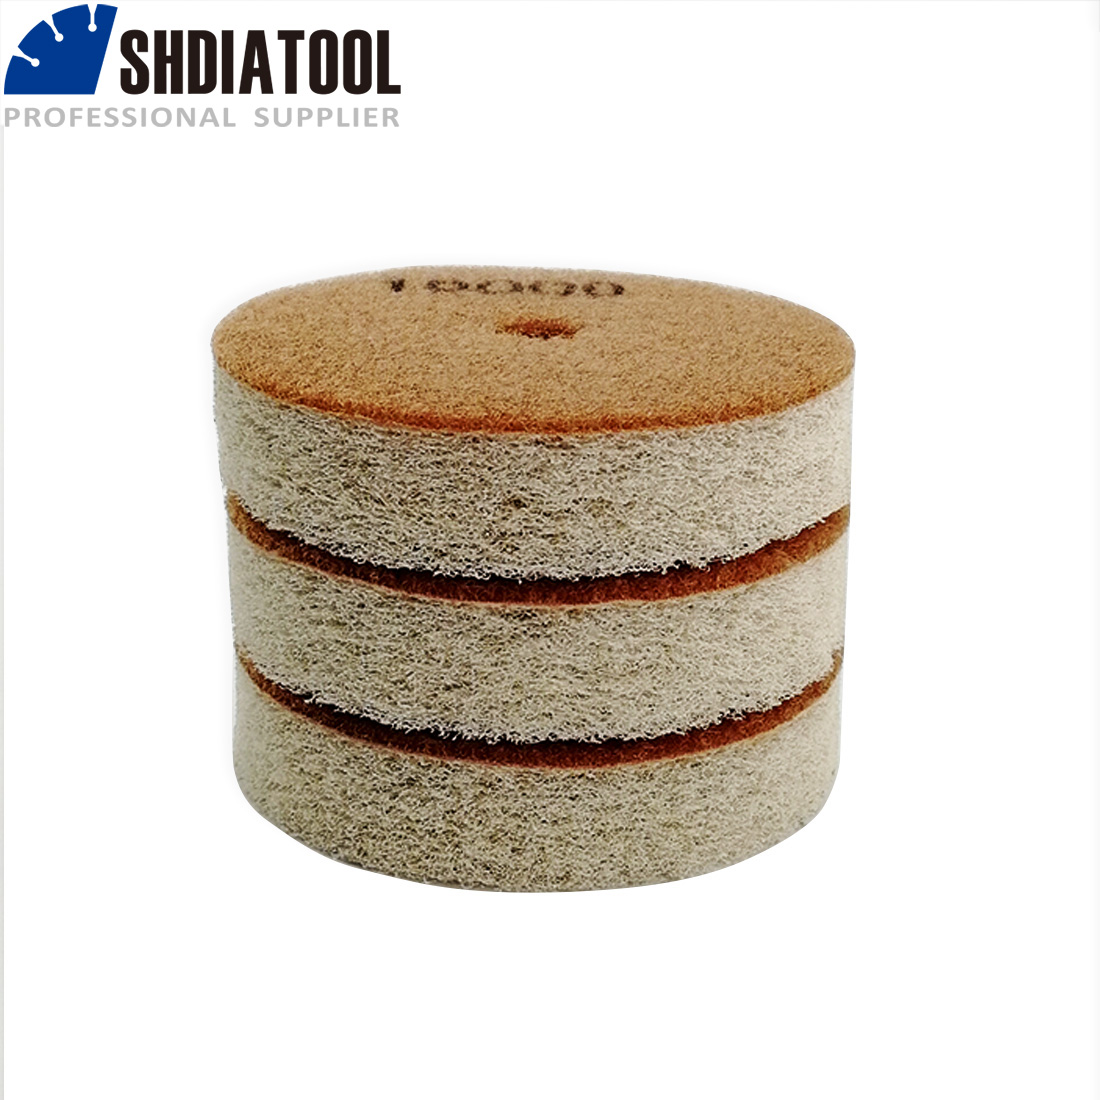 almofadas de polimento diâmetro 4 polegada disco